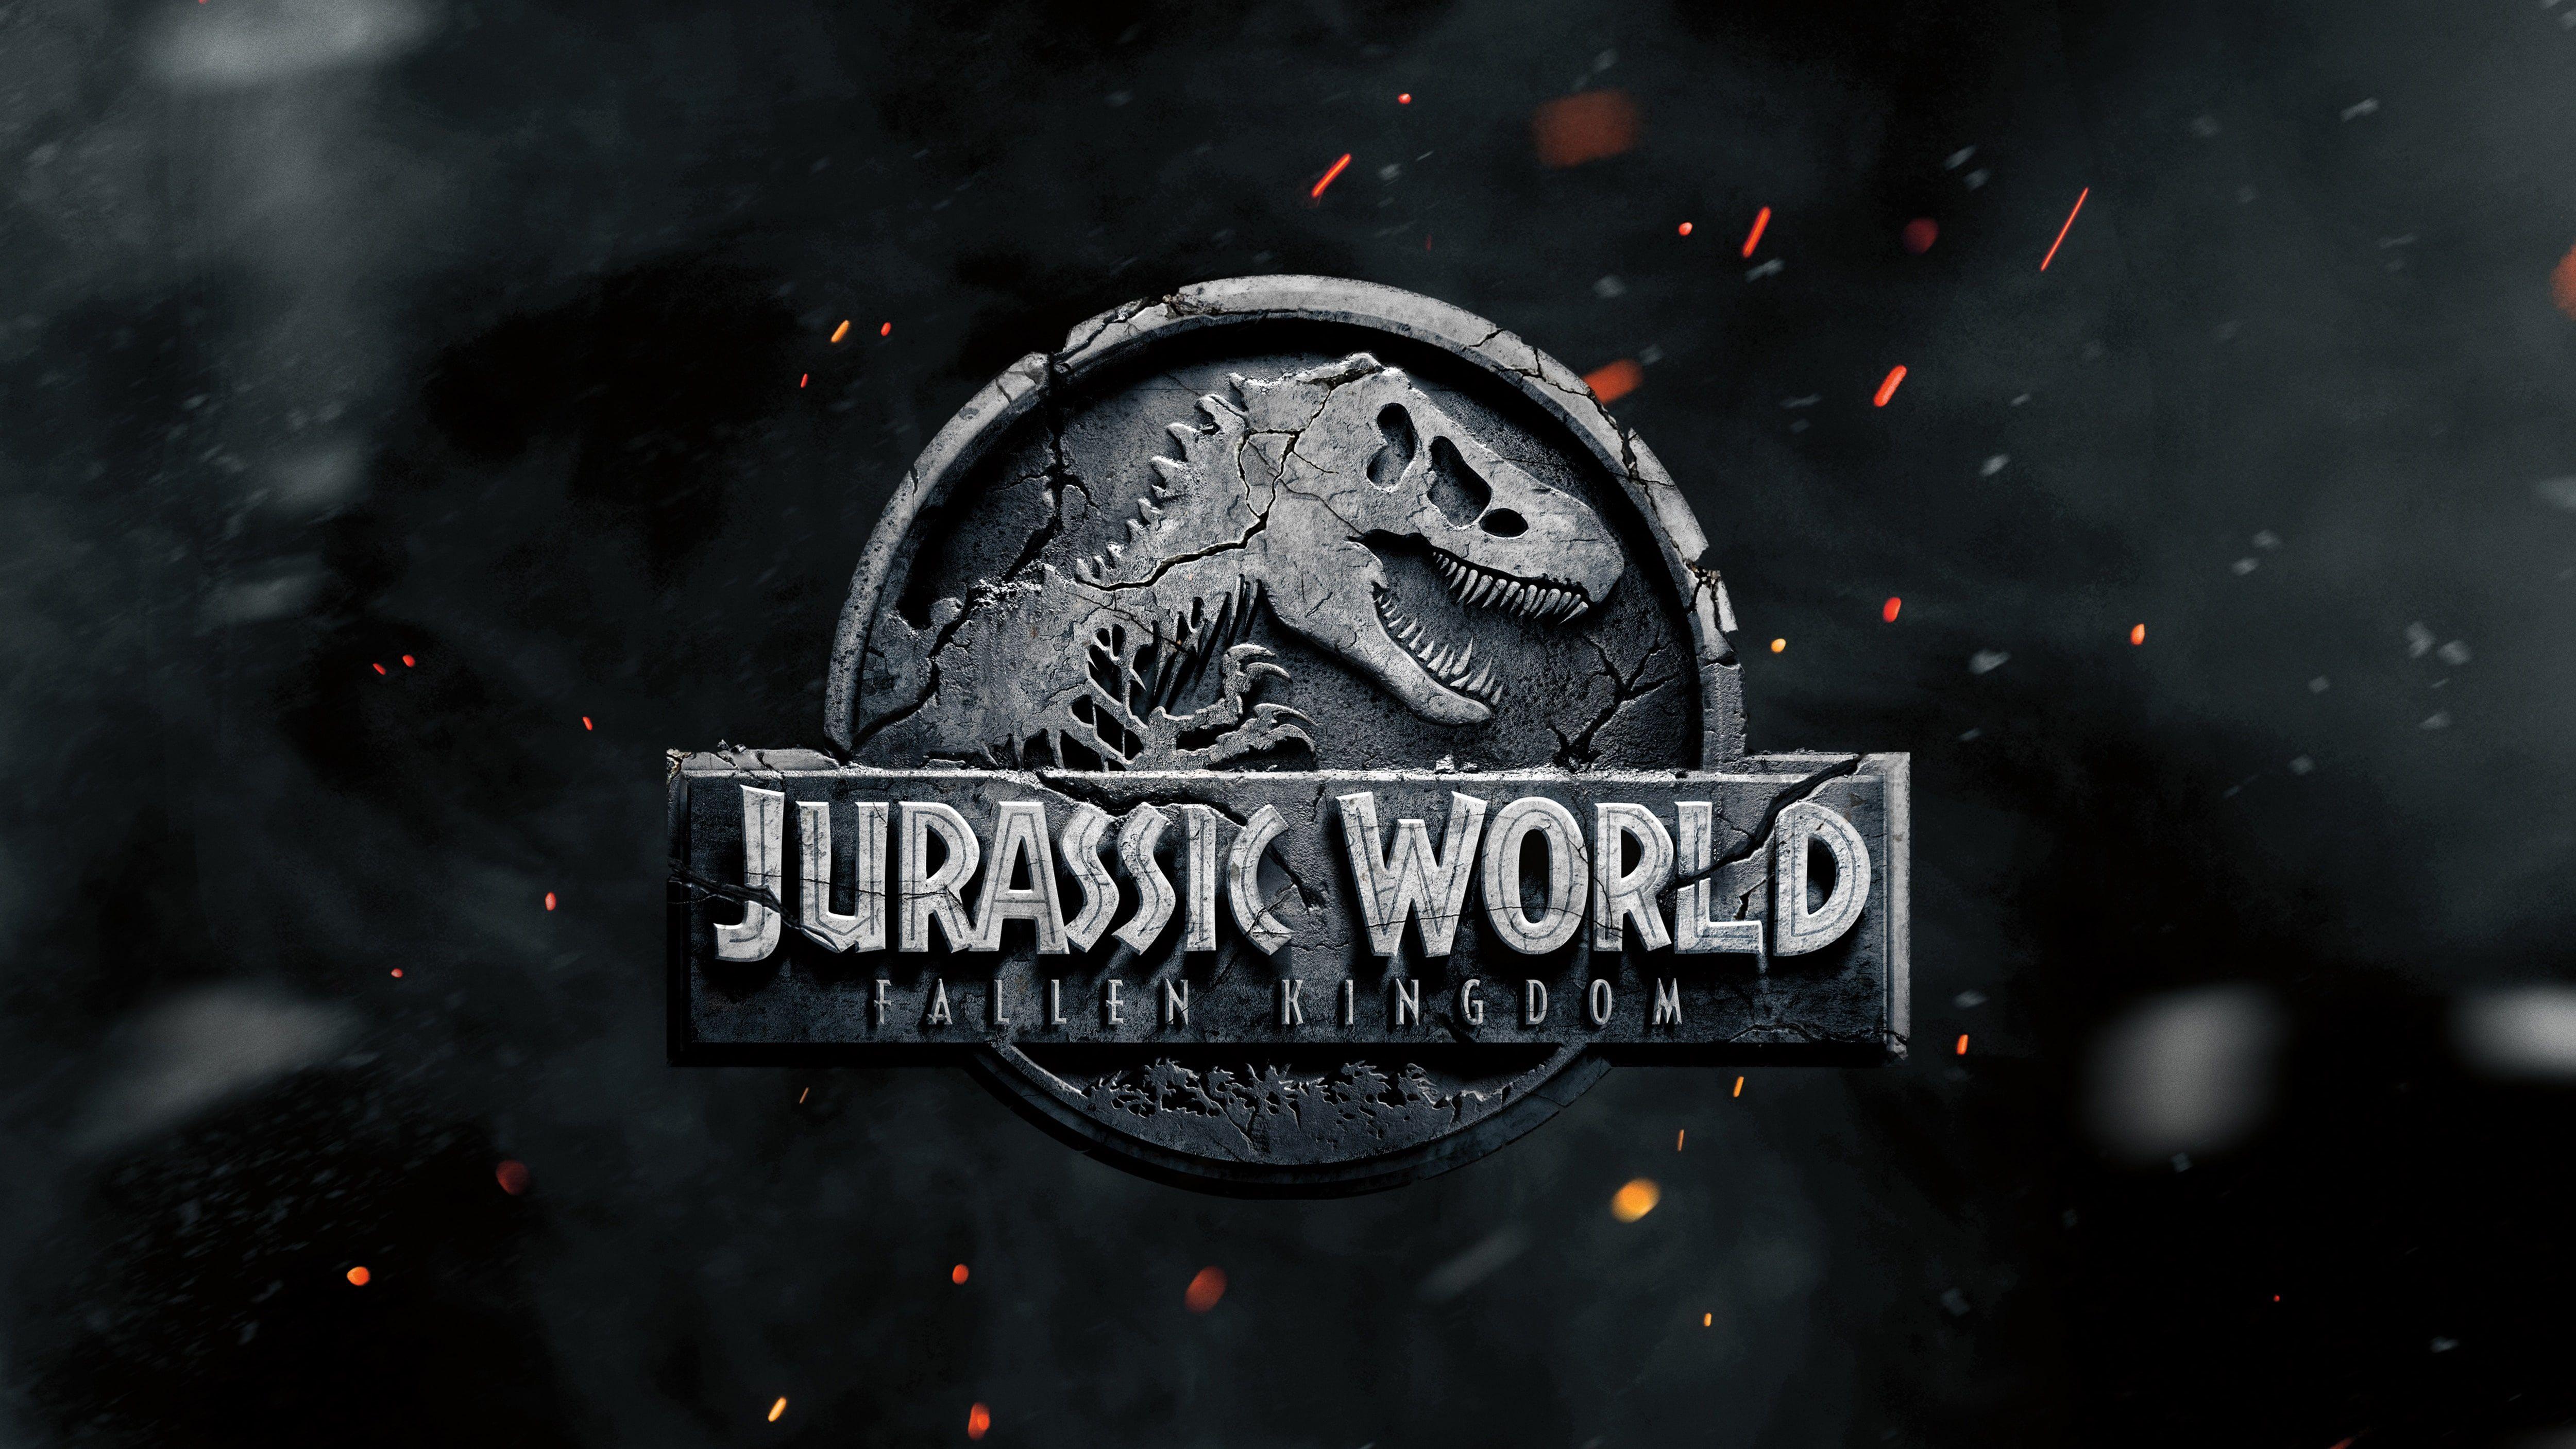 Desktophdwallpaper Org Jurassic World Falling Kingdoms Jurassic World Poster